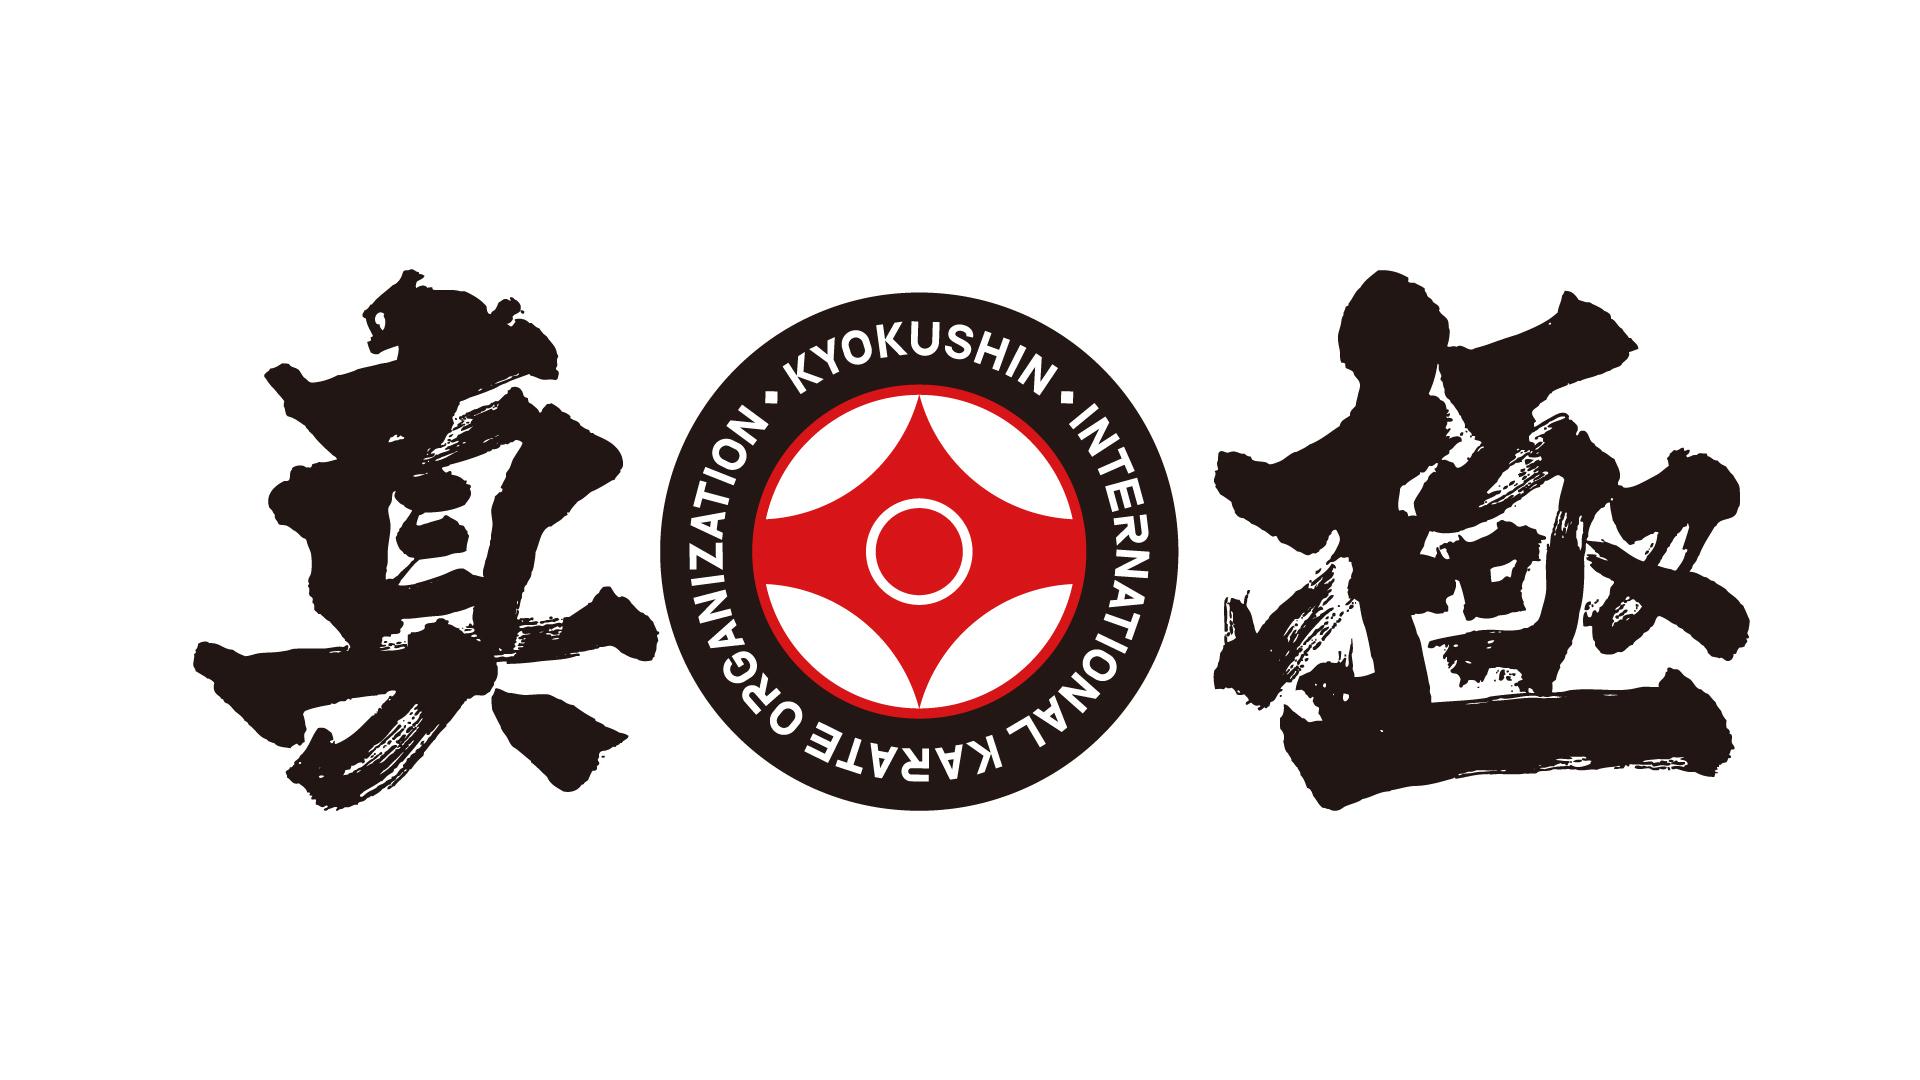 11/25 午後9時30分より「KYOKUSHIN ONLINE」開設にあたり、松井章奎館長よりご挨拶